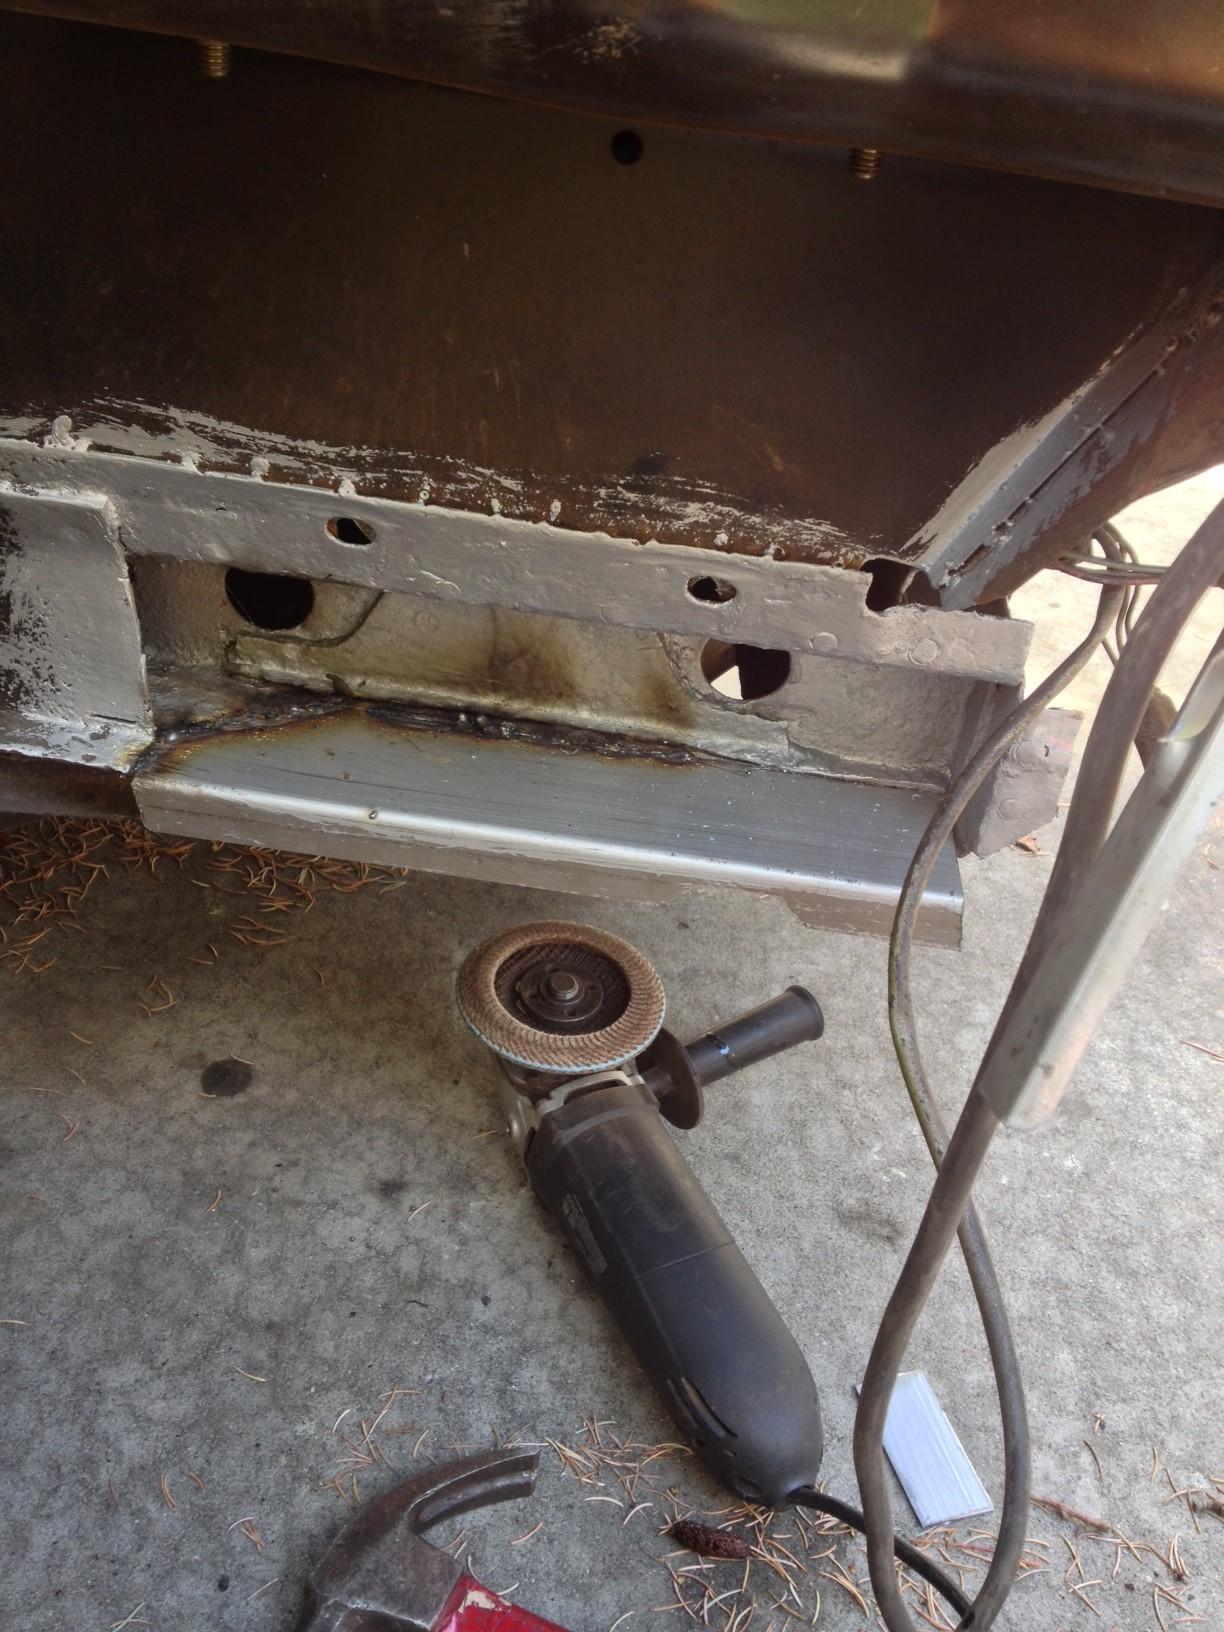 1969 Mustang: Frame Rail Repair – Save Classic Cars